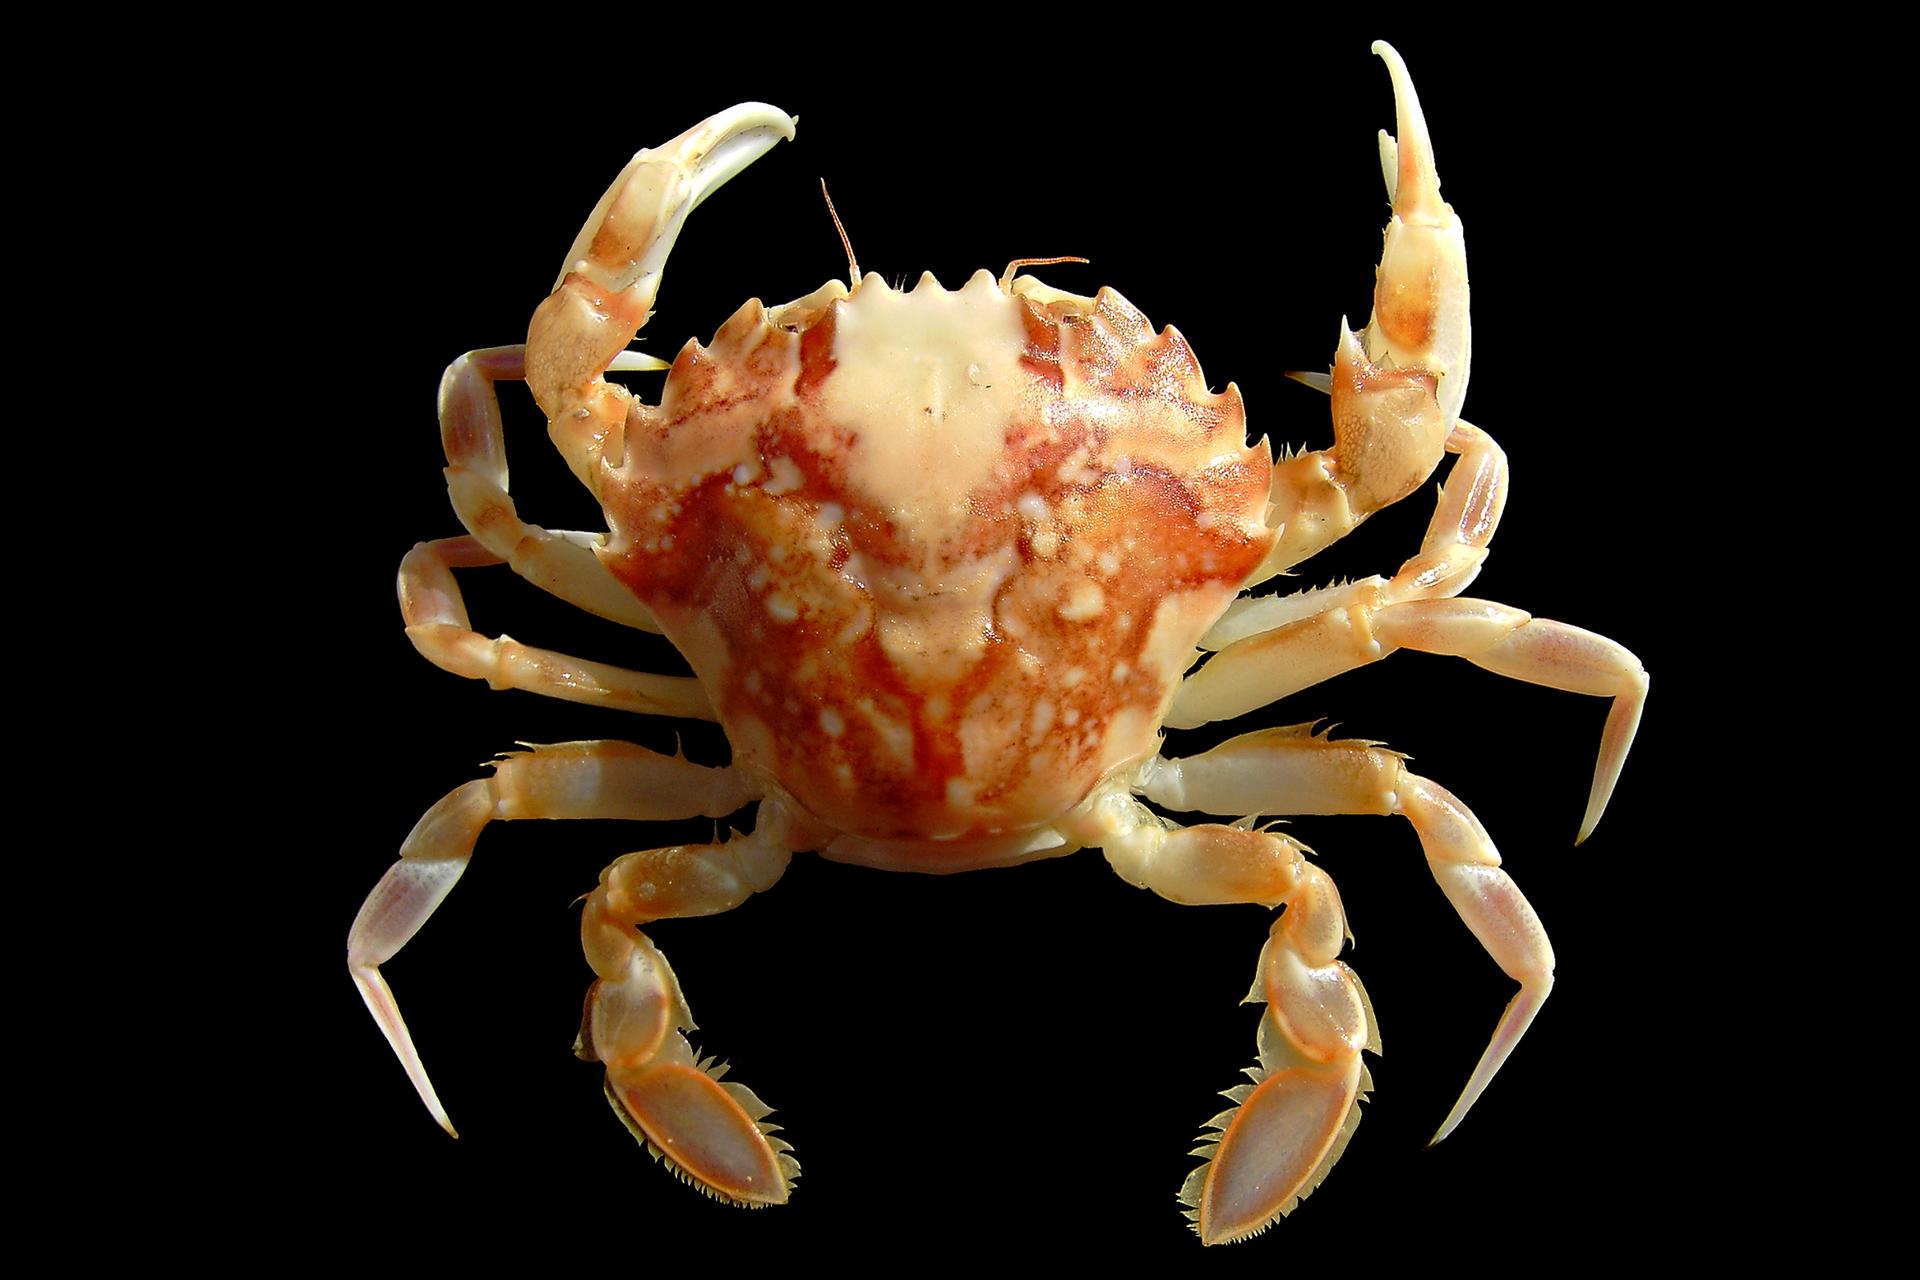 Zdjęcie przedstawiające kraba. Zwierzę ma ciało pokryte pancerzem. Posiada pięć par odnóży podzielone na człony połączone stawami.